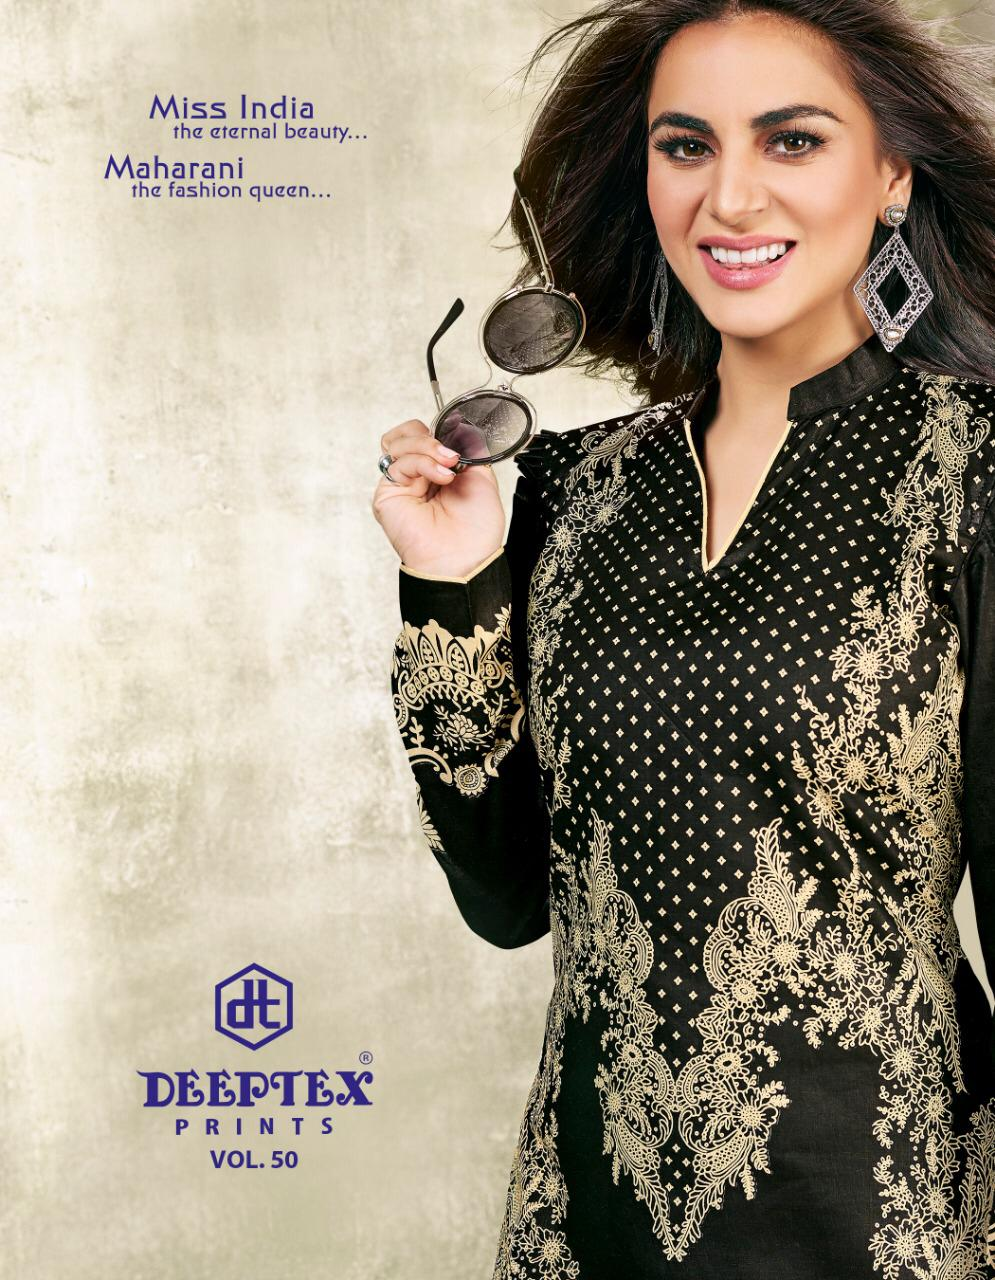 Deeptex Vol 50 Miss India Designer Cotton Suits Wholesale